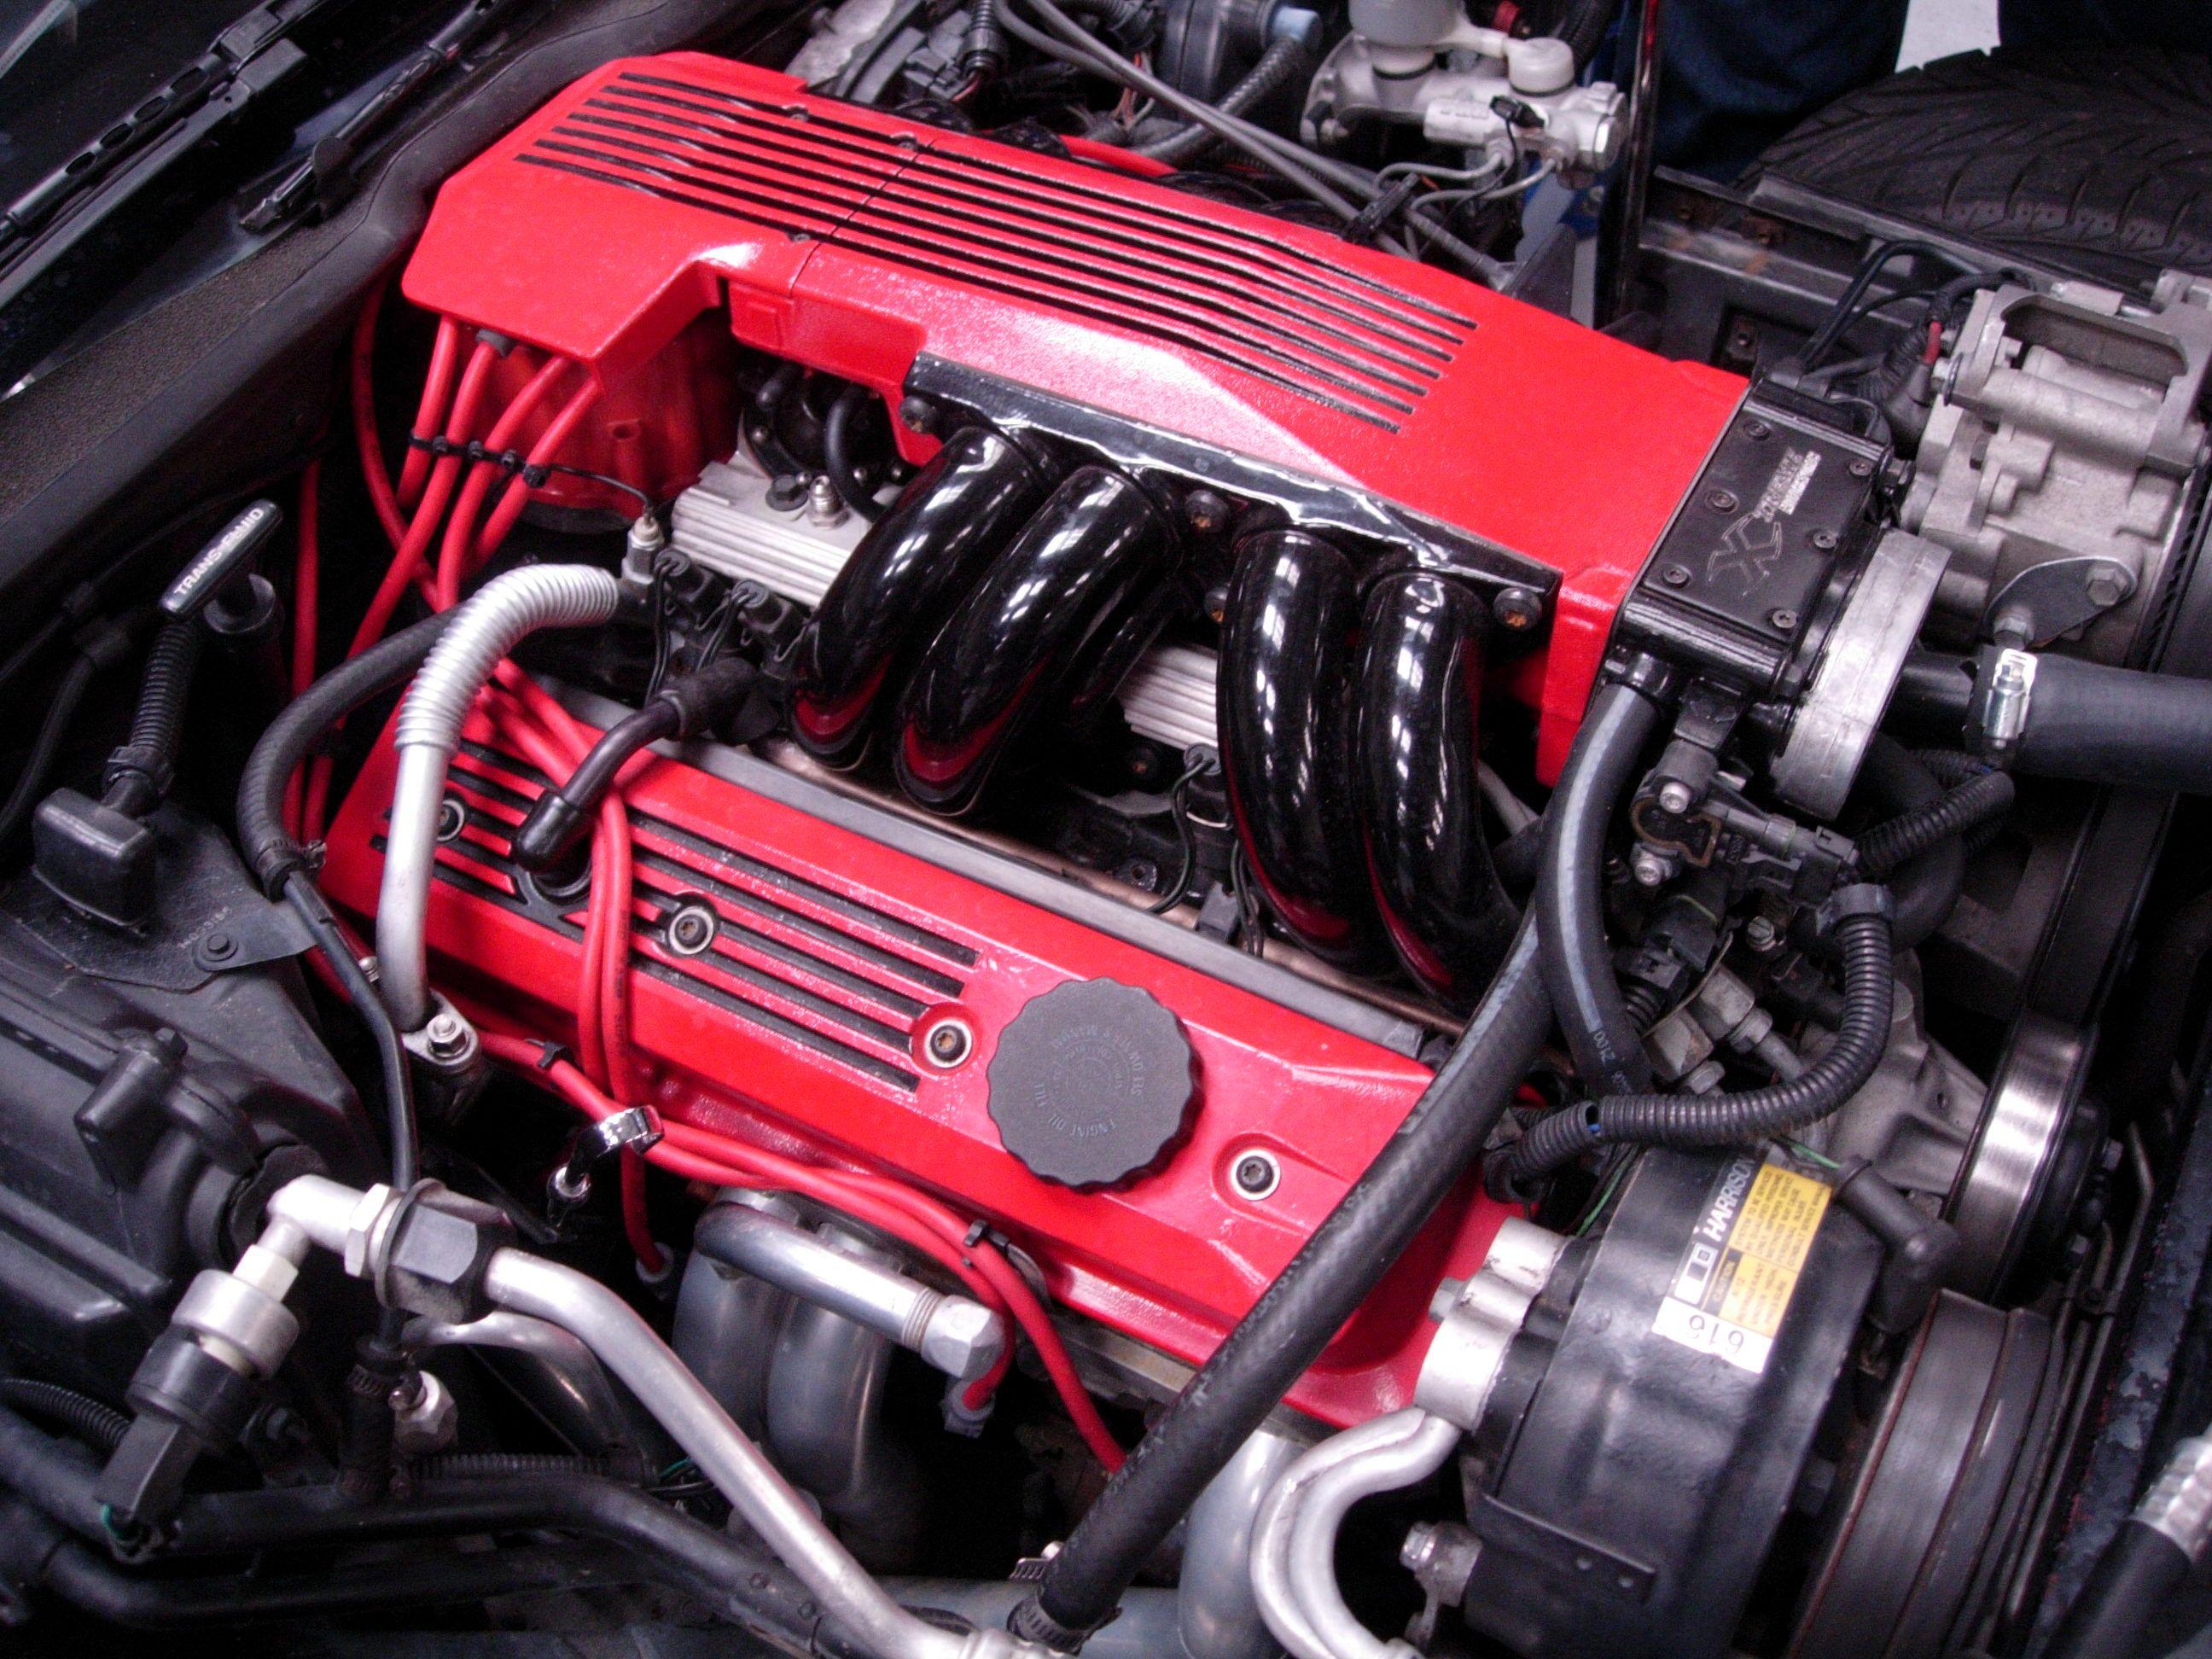 L98 Corvette Motor L98 Engines For Sale Http Forums Corvetteforum Com C4 Parts For Sale Corvette Chevrolet Corvette C4 Crate Motors